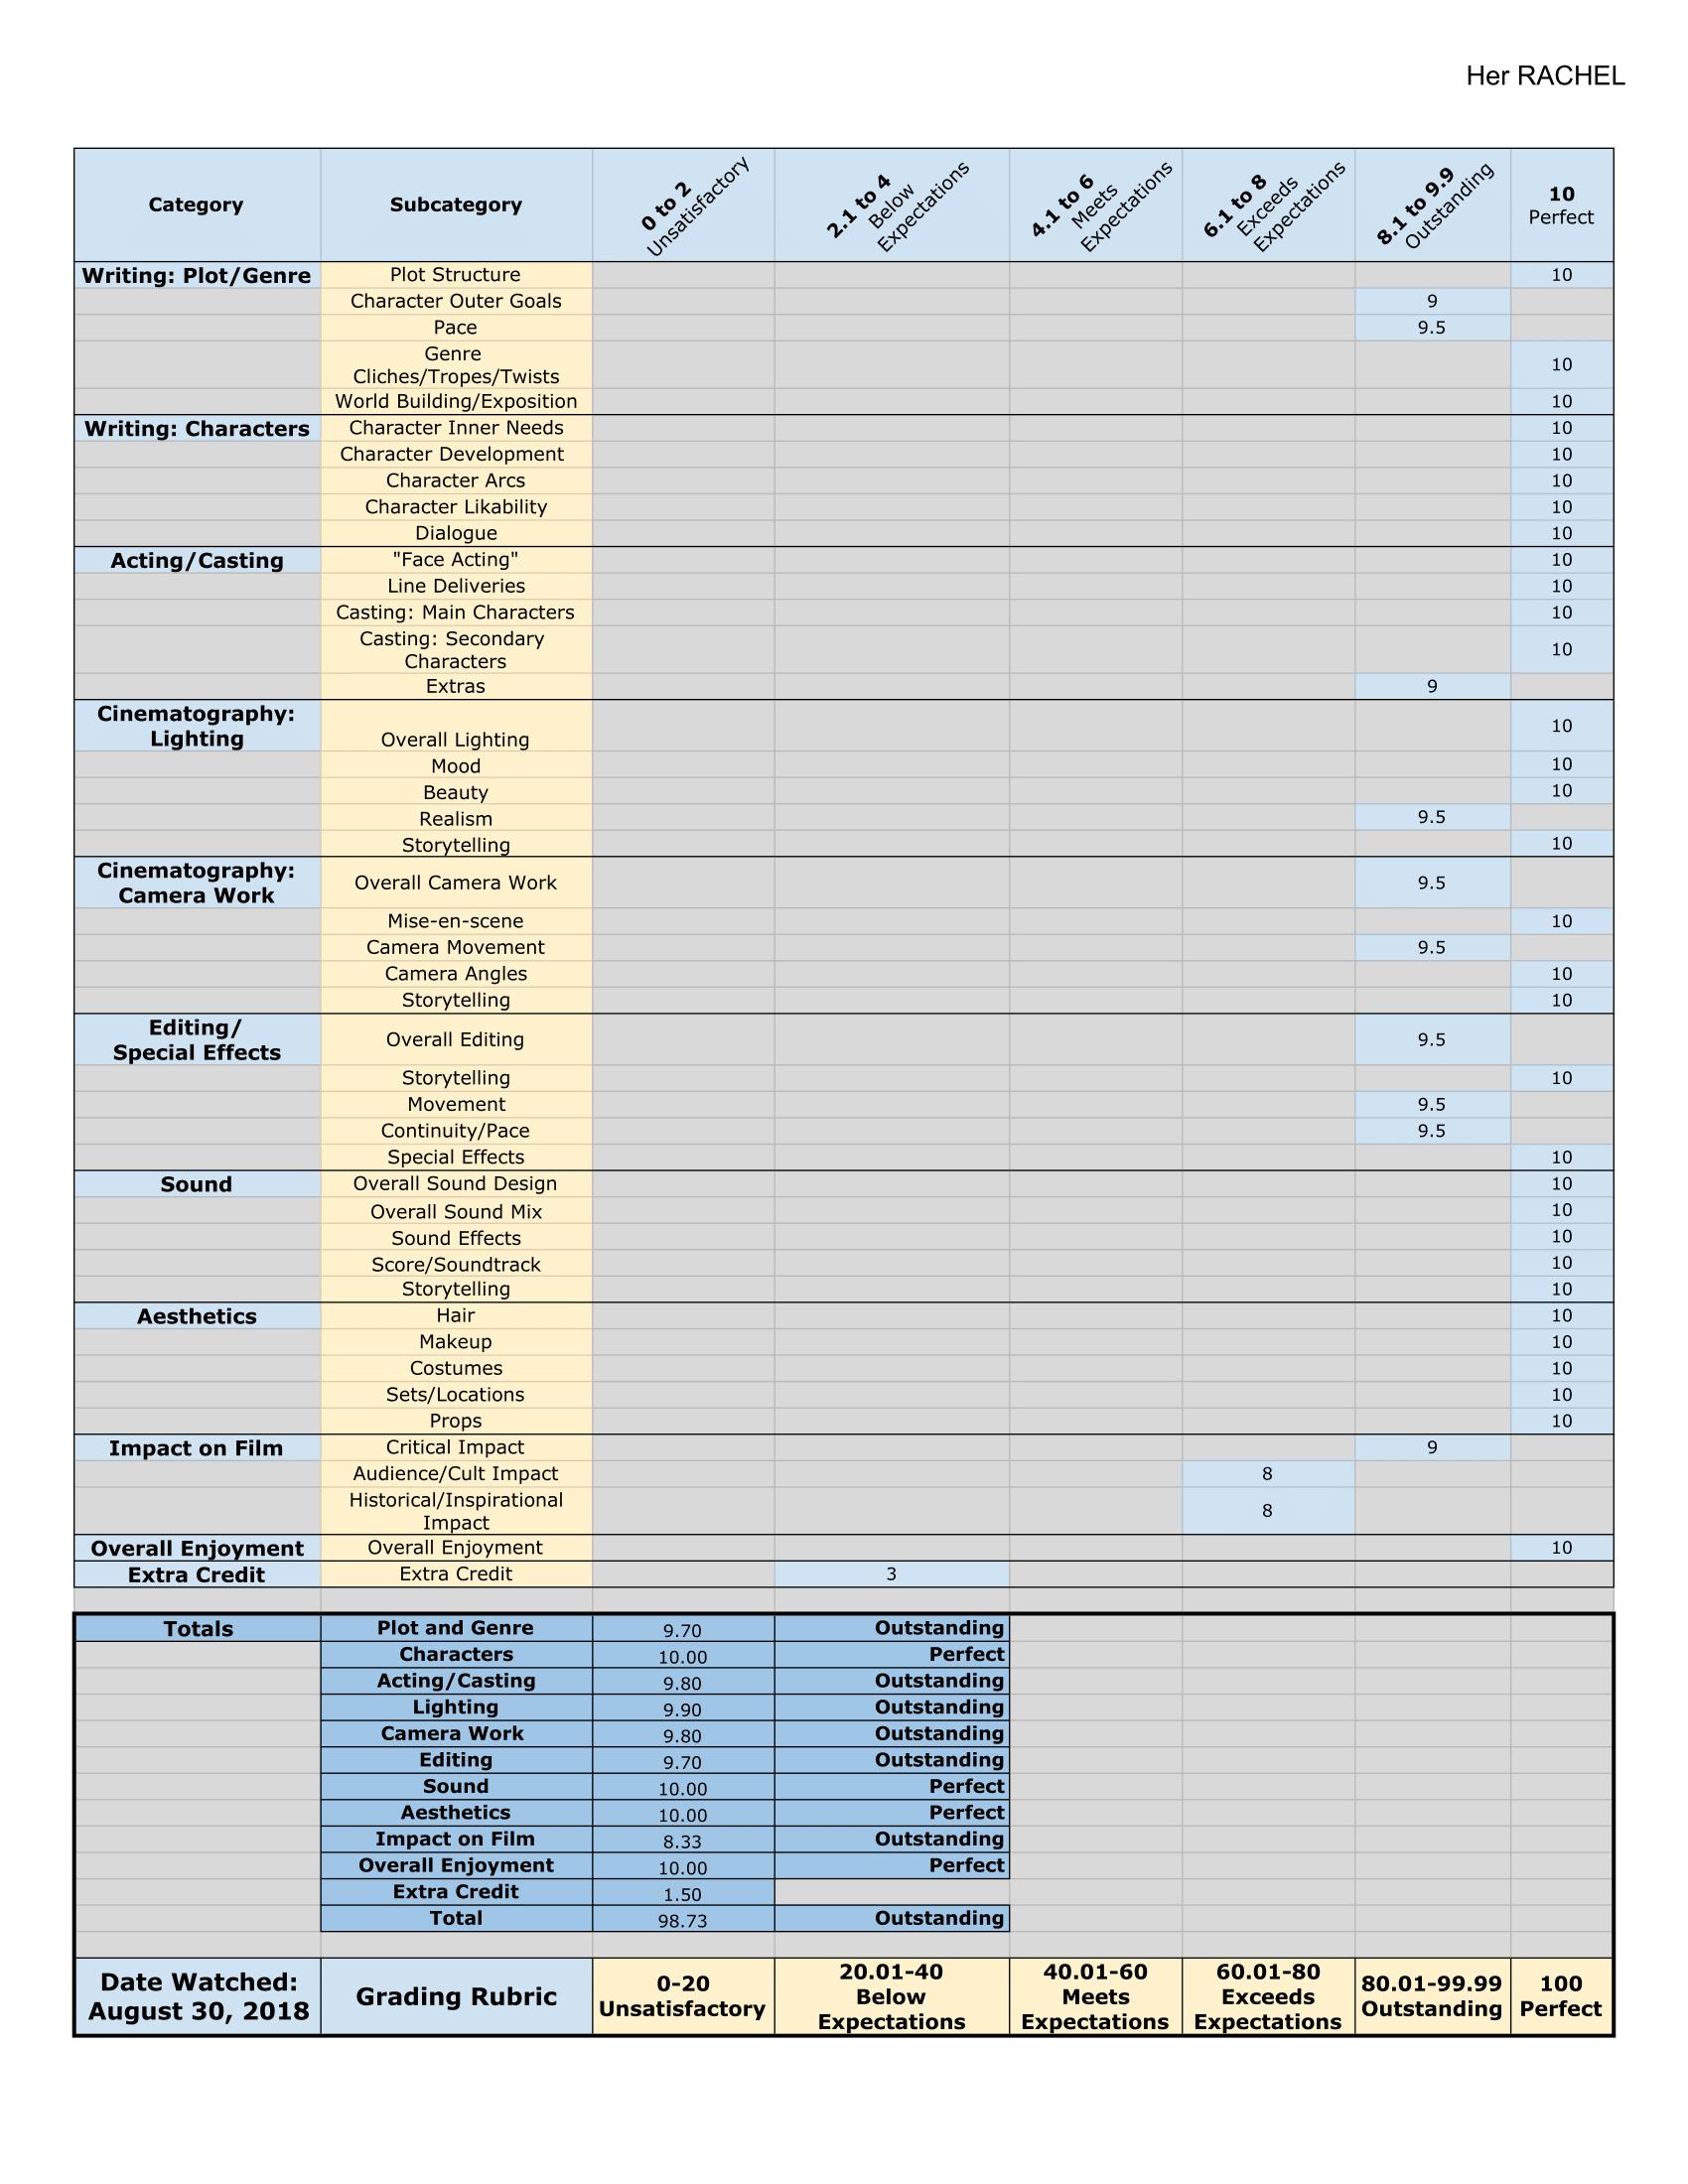 The Grid 2018 - Her RACHEL-1.png